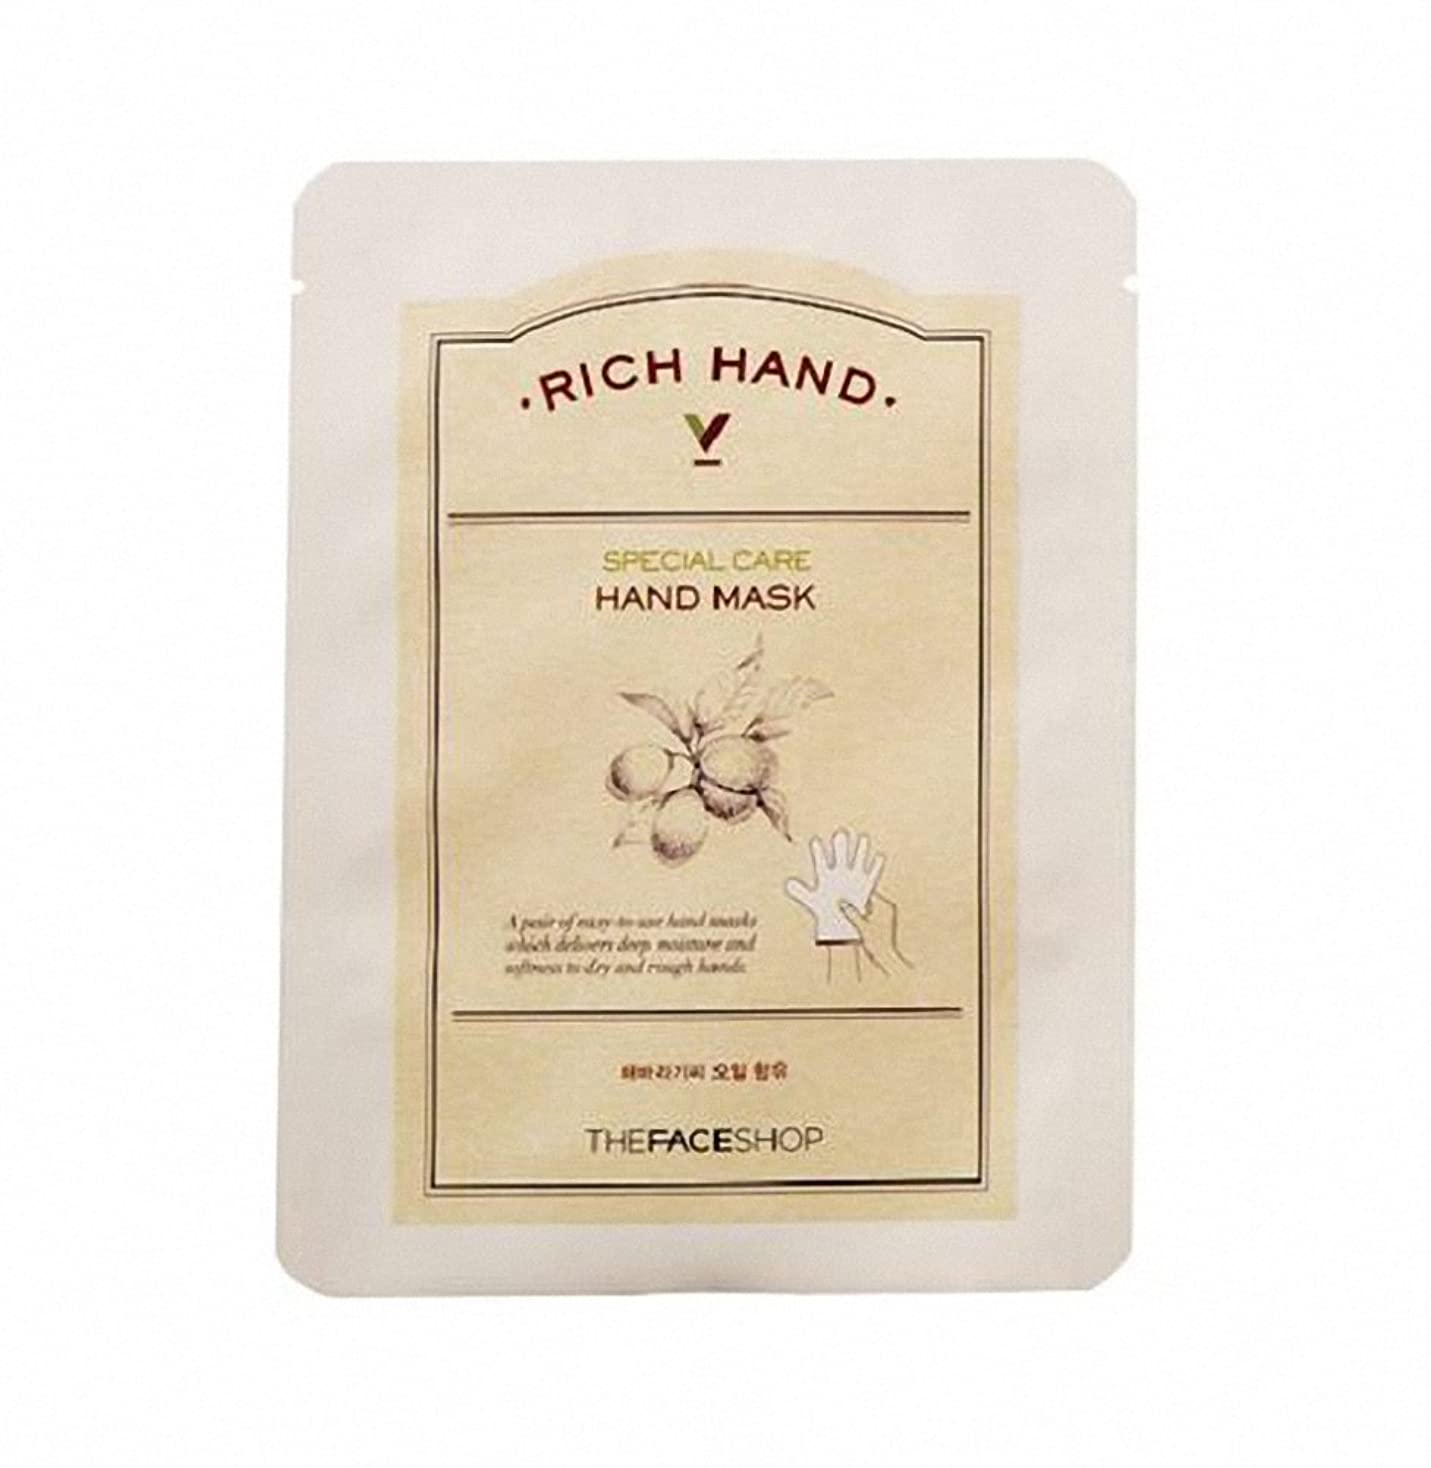 最終的に恩赦スーツケース[ザ·フェイスショップ The Face Shop]  リッチ ハンド V スペシャルケア ハンドマスク (3枚) Rich Hand V Special Care Hand Mask (3 Sheet) 韓国コスメ[海外直送品]